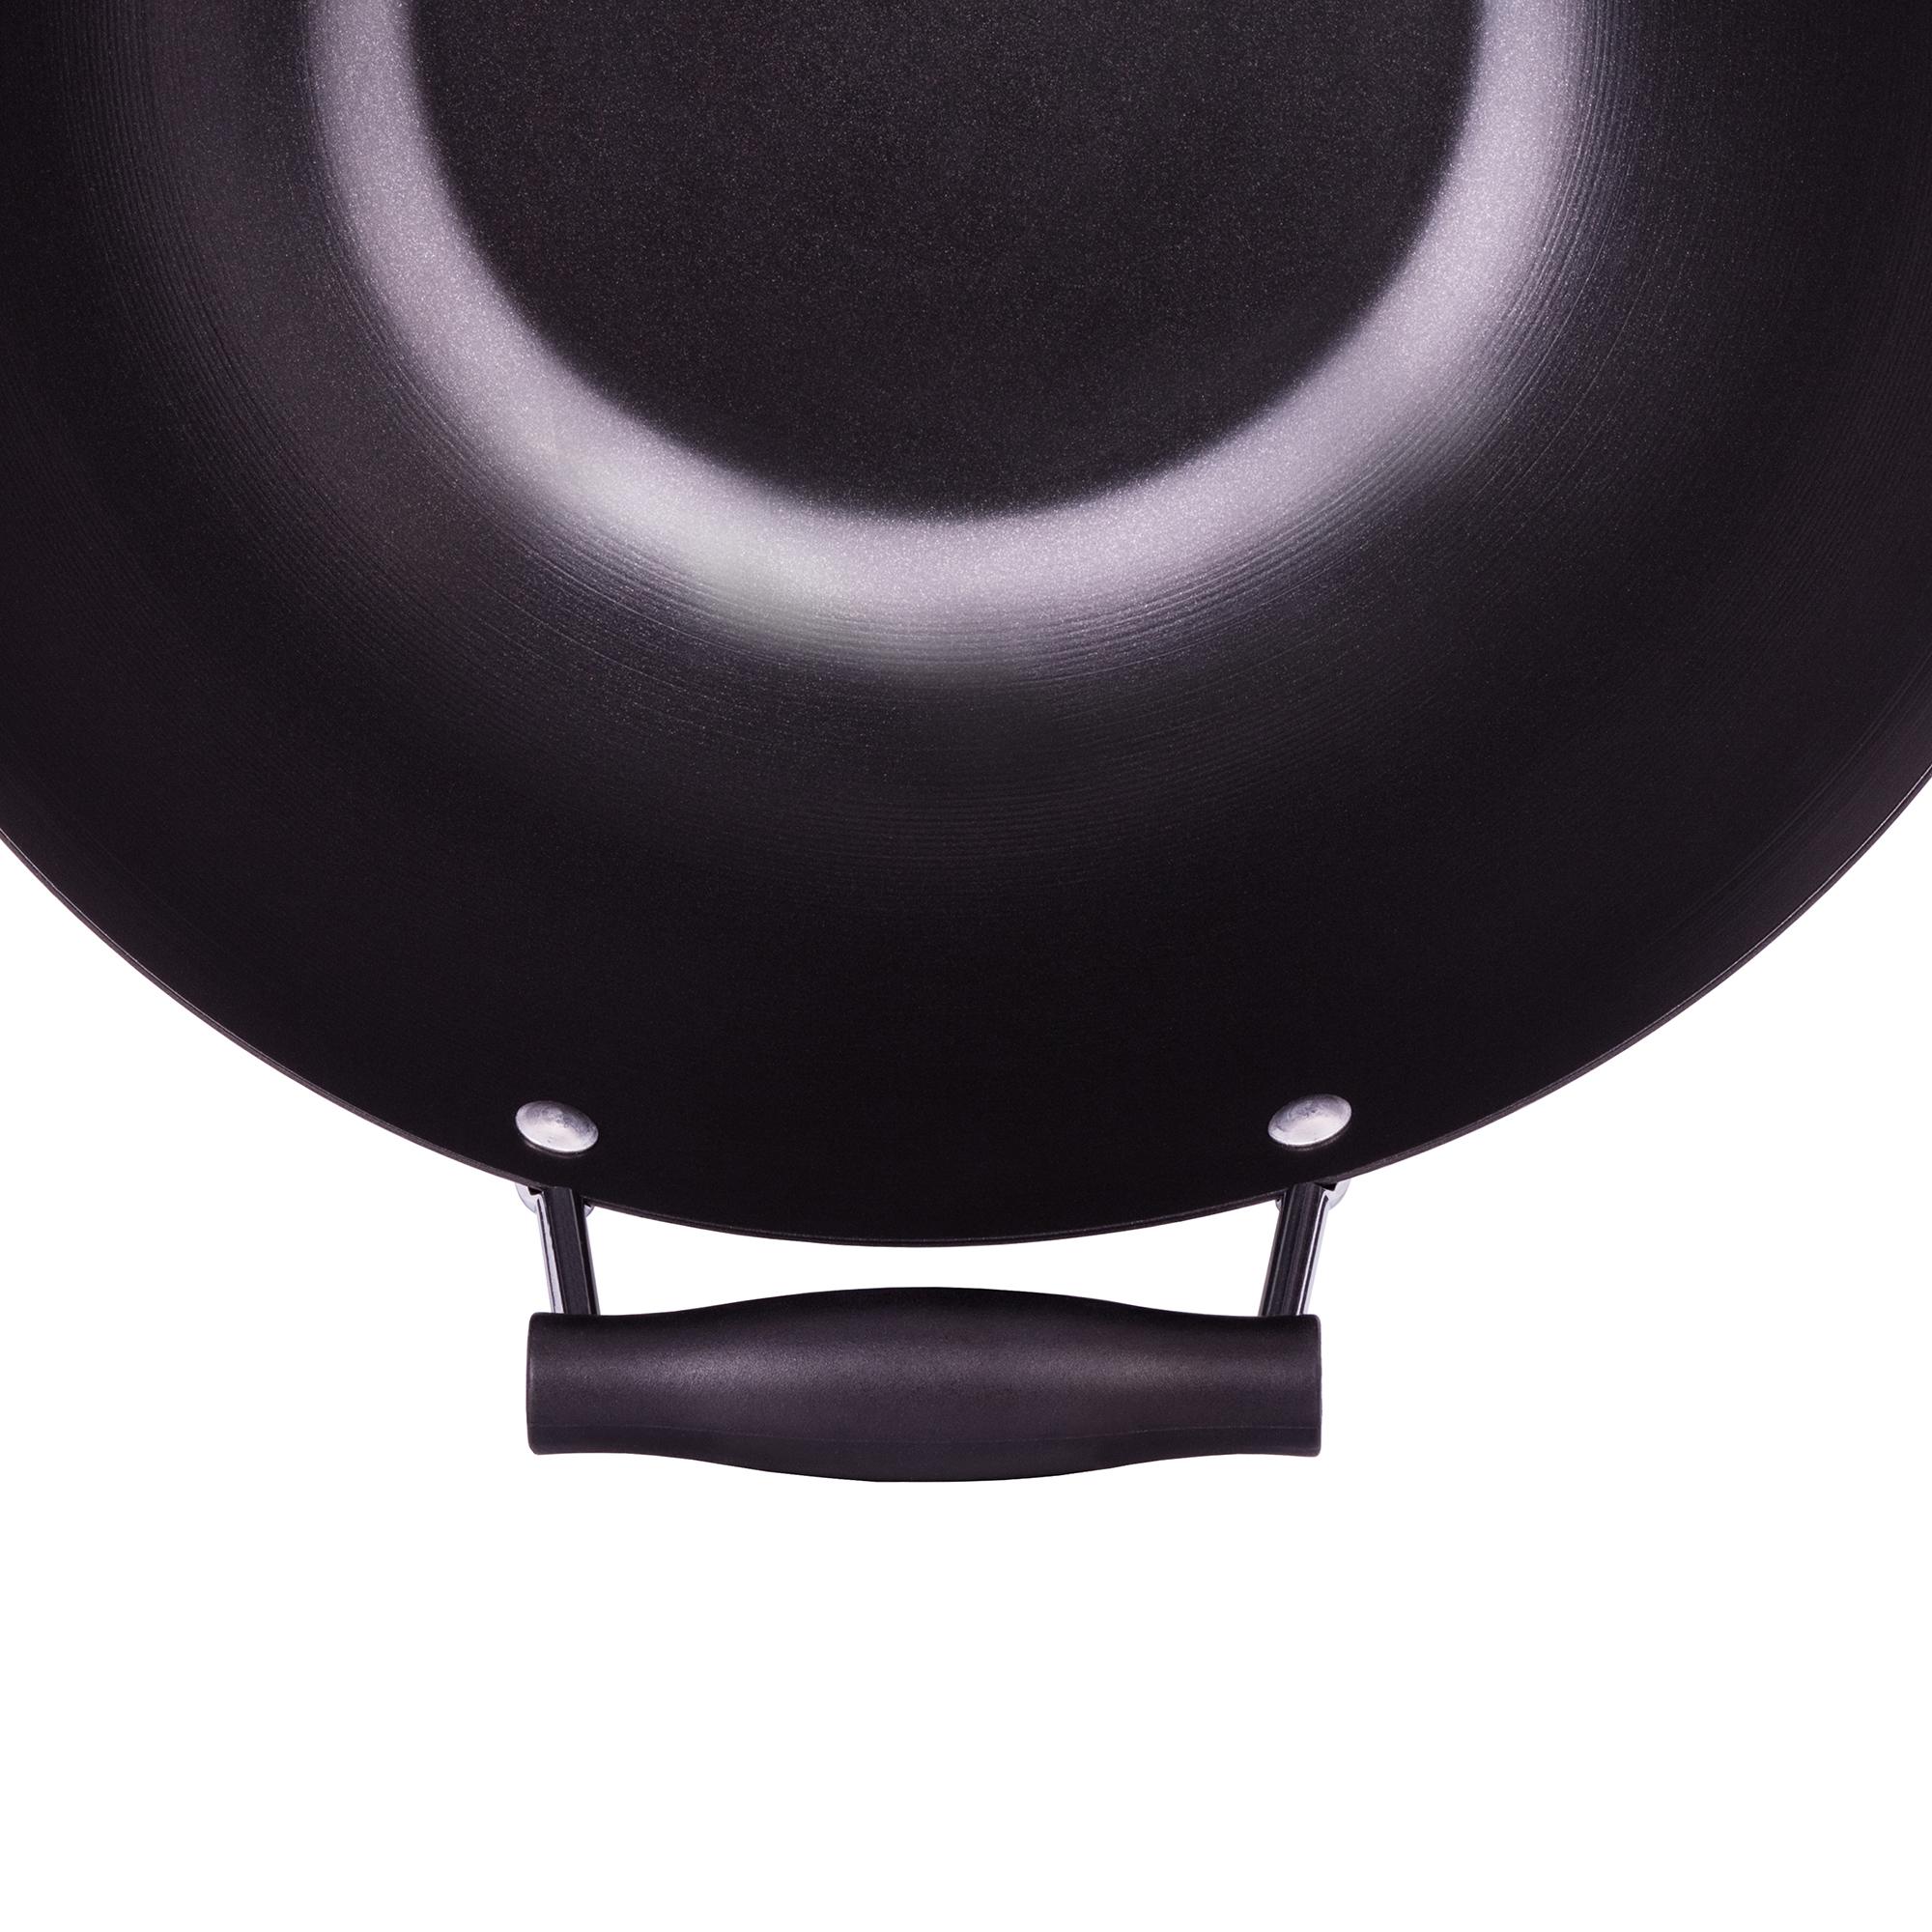 Smile SPC-2 Wok de Acero al Carbono 35cm inducción, Antiadherente sin PFOA, mango ergonómico,espátula bambu, Apto Todas Las cocinas, vitroceramica, Gas, lavavajillas